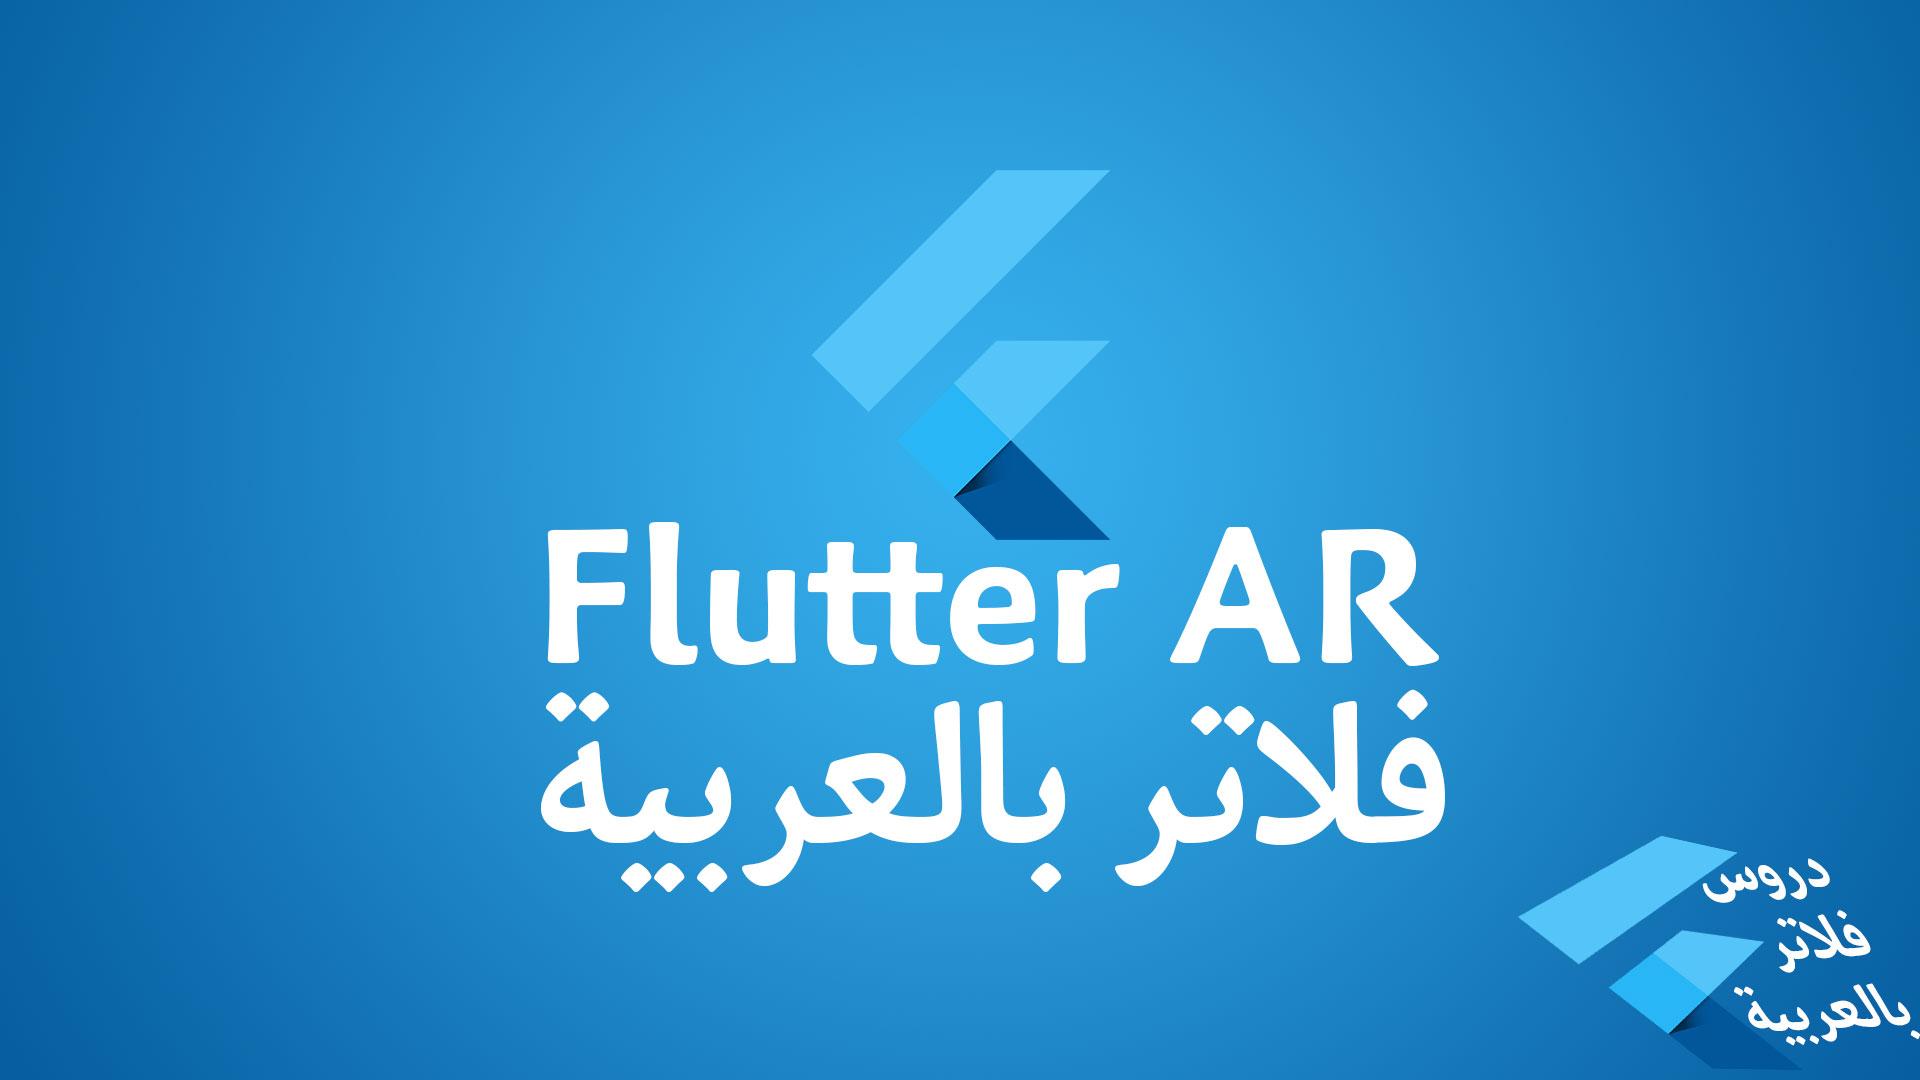 ماهو فلاتر flutter ؟ و كيف يمكنك ان تبدأ بتعلمه الآن